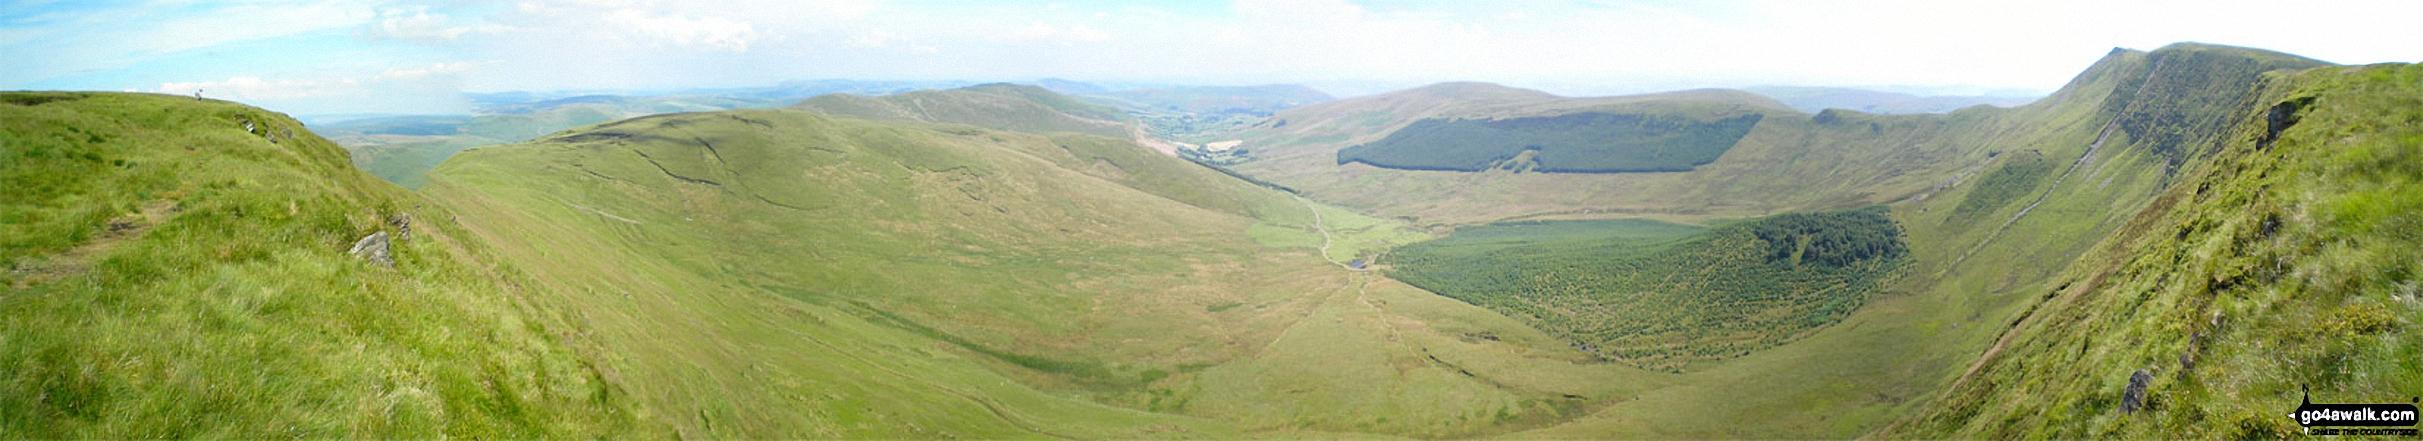 Cadair Berwyn (North Top), Tomle, Foel Wen, Foel Wen (South Top), Mynydd Tarw, Cwm Maen Gwynedd, Tyn-y-ffridd, Mynydd Mawr, Godor, Godor (West Top) and Moel yr Ewig from Cadair Berwyn